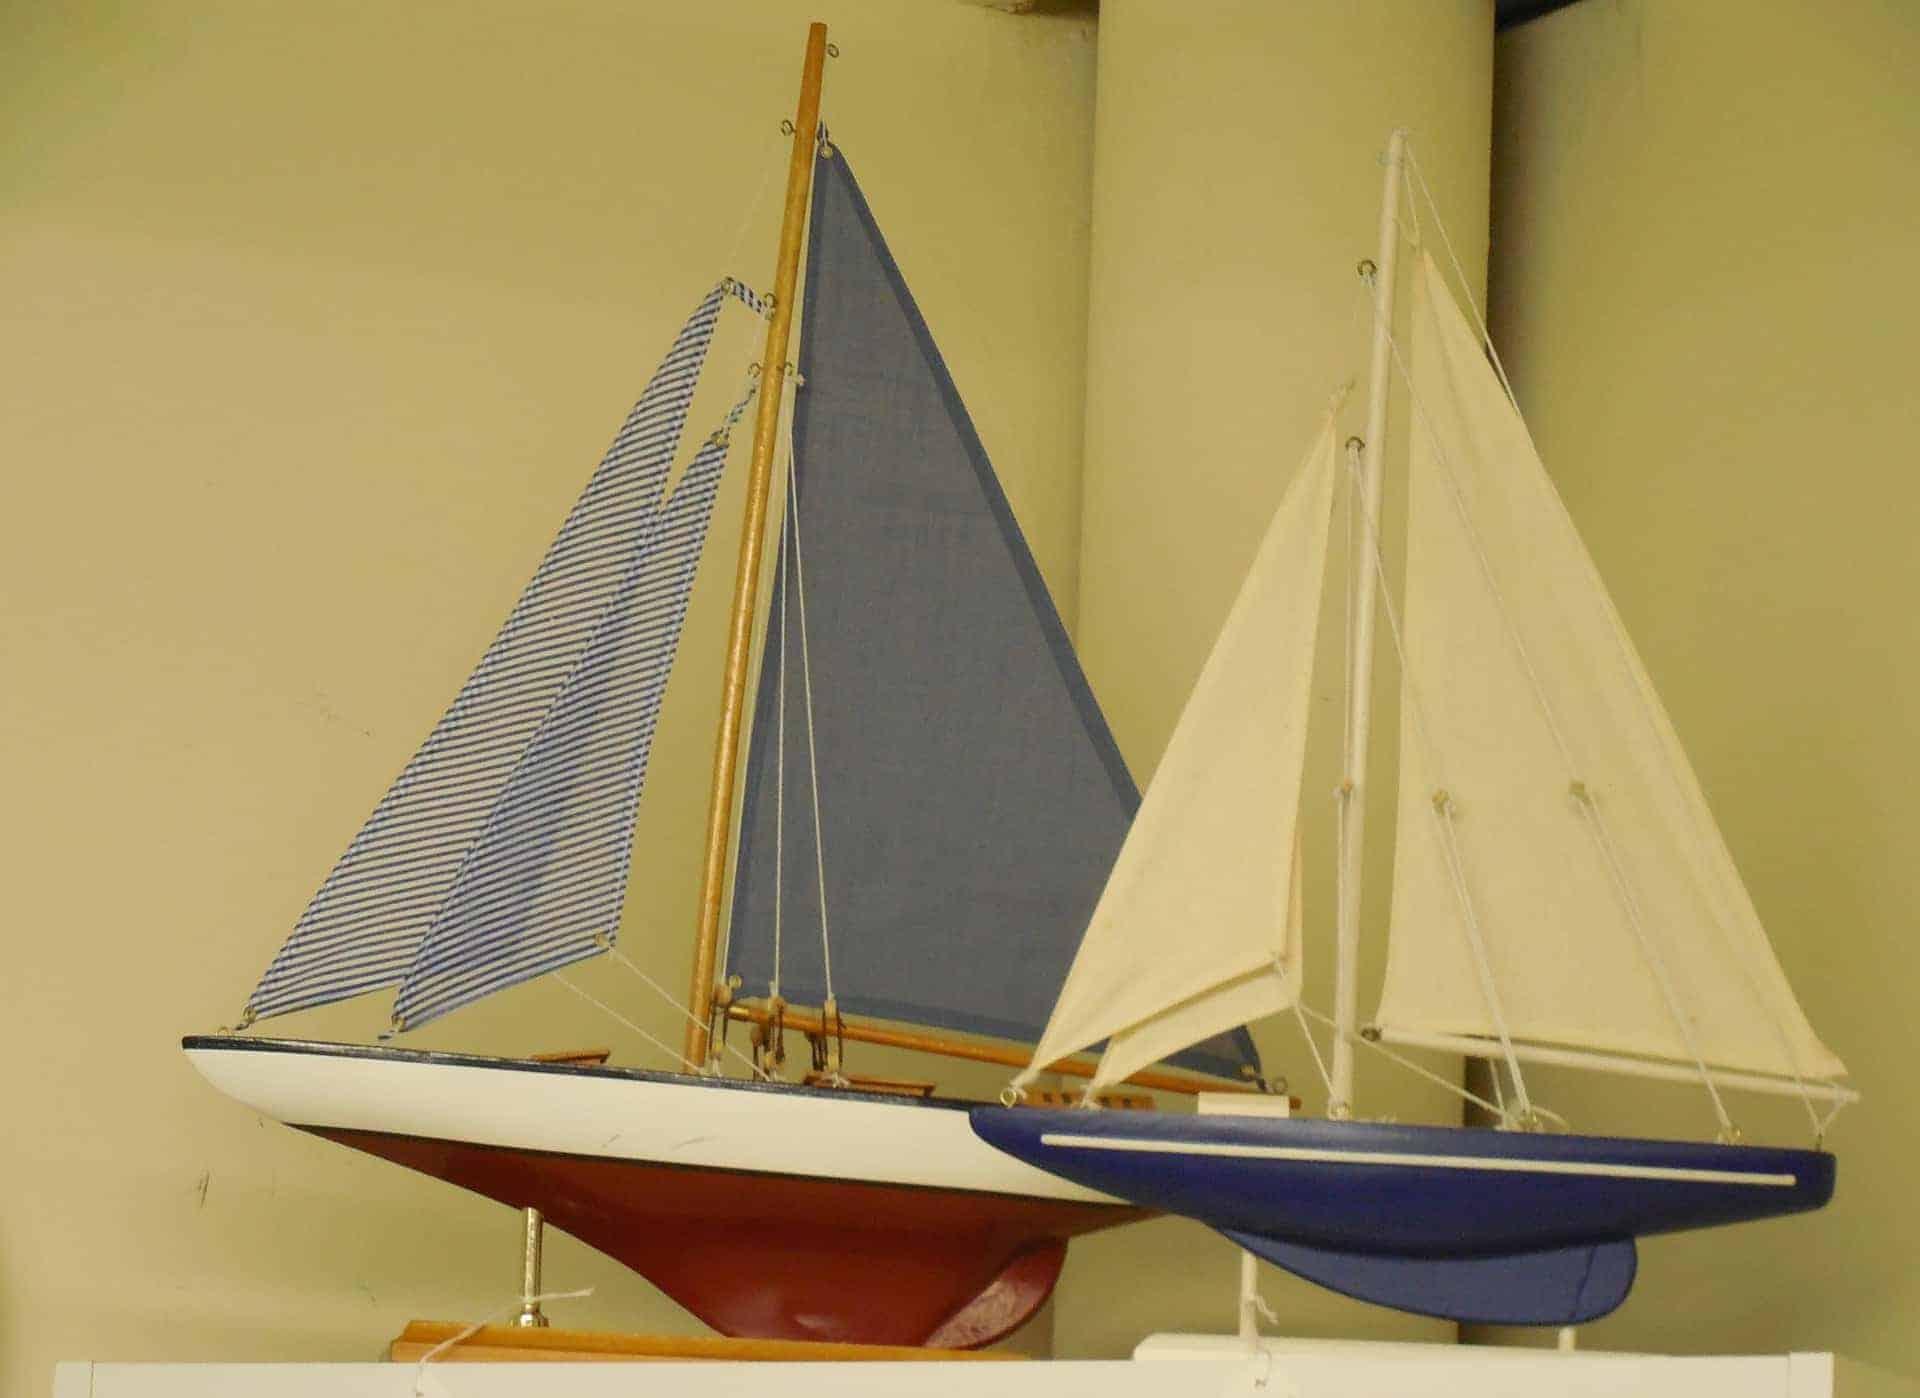 voordelen hobby modelbouw